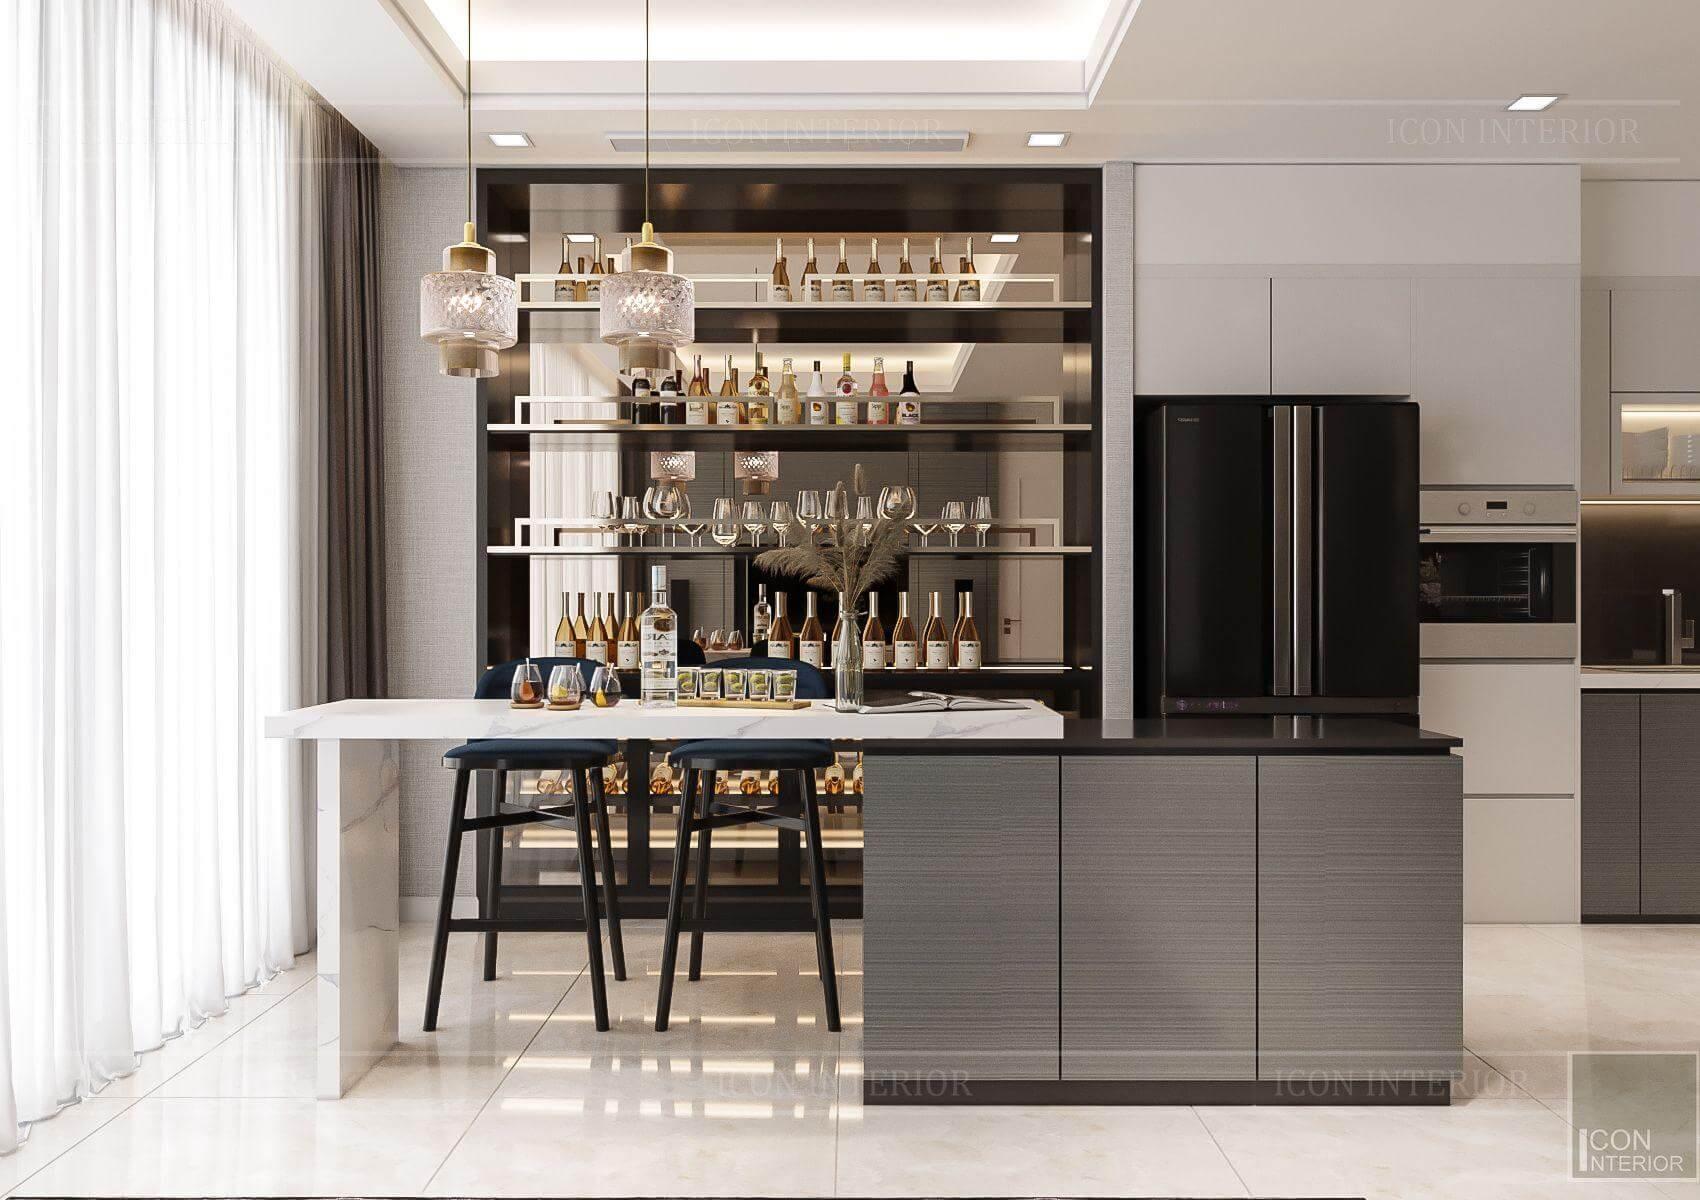 Thiết kế nội thất căn hộ chung cư Vinhomes Ba Son - bếp hiện đại